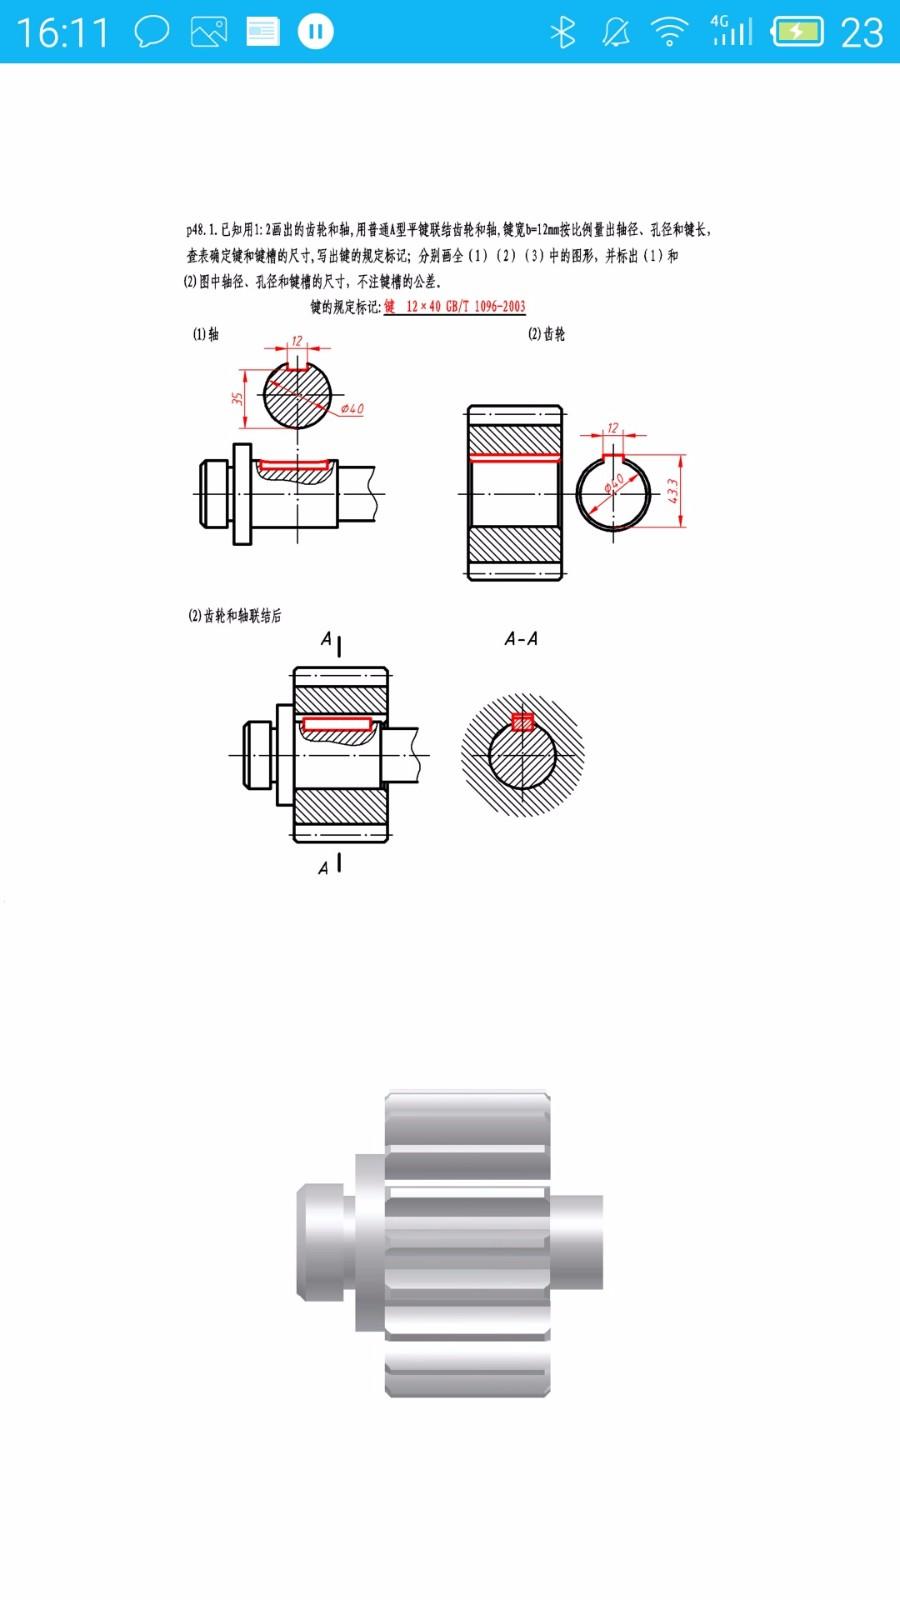 键槽的画法_如图,齿轮键槽的画法为何不一样,我不懂图二的画法,好像挖了个棱台